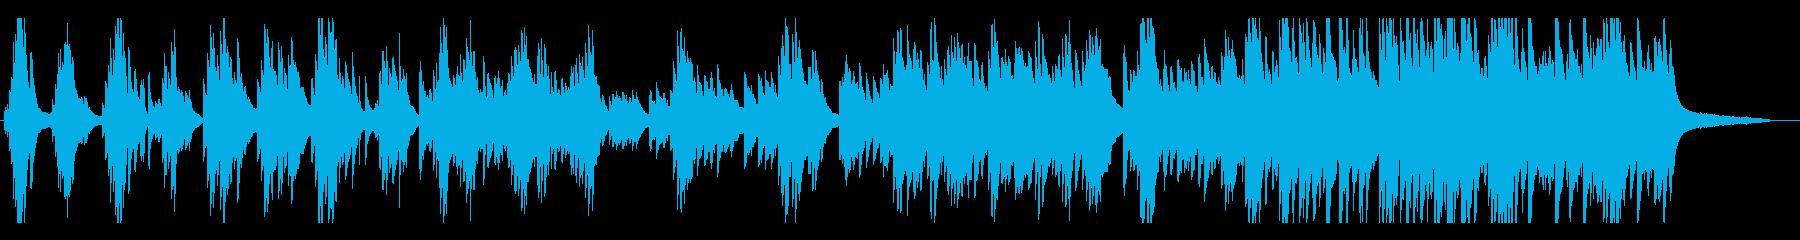 ドラマティックで和風な ピアノソロの再生済みの波形